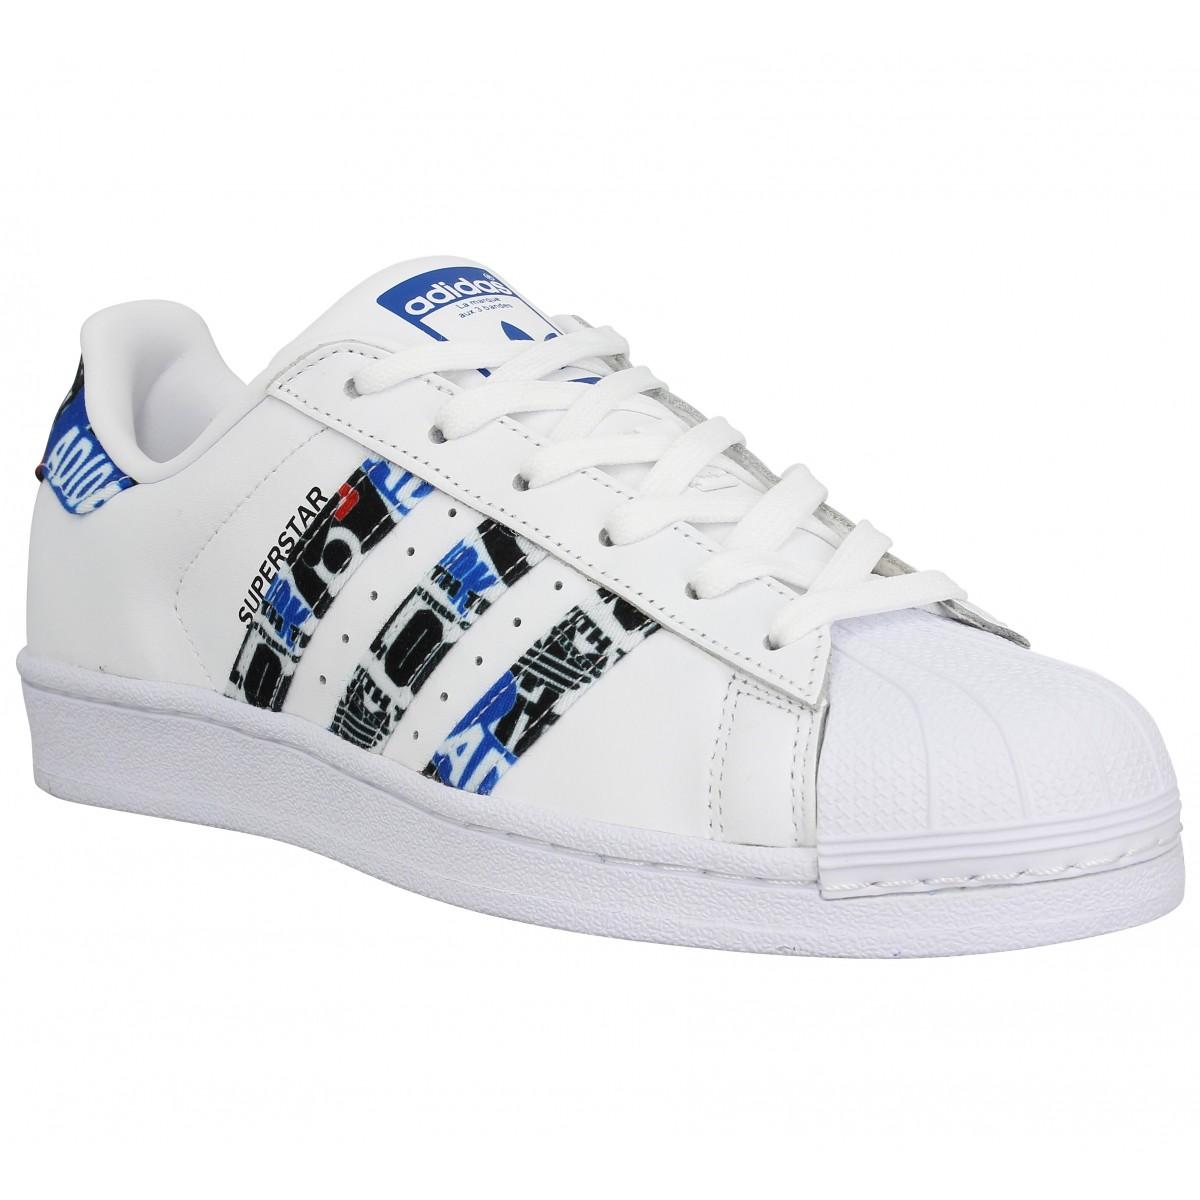 Baskets ADIDAS Superstar cuir Femme Blanc Bleu